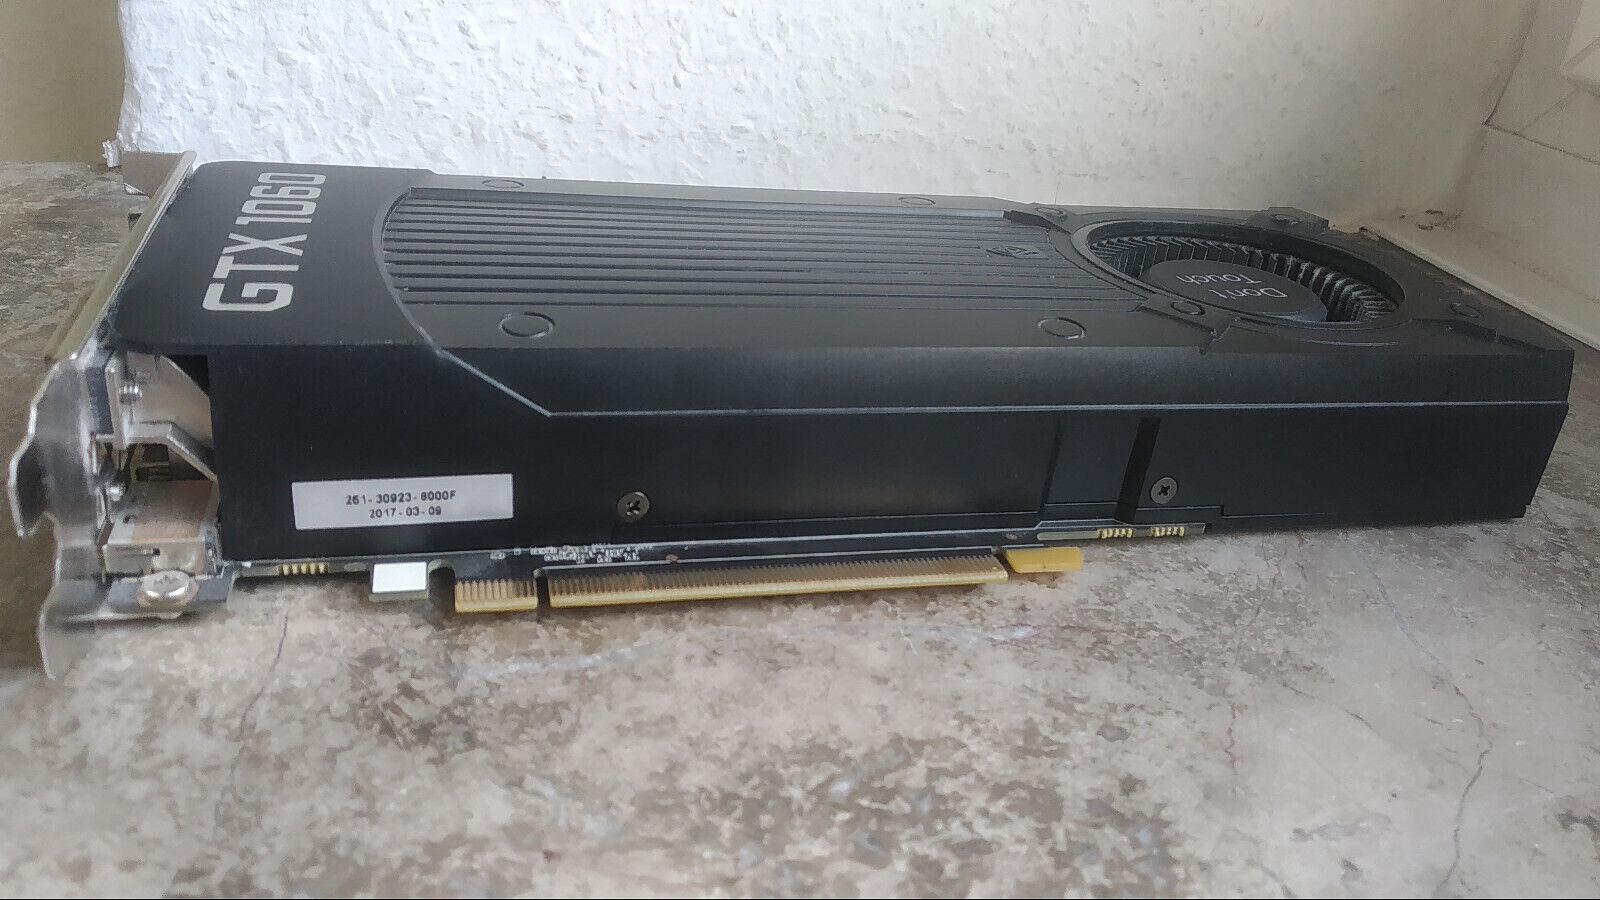 Grafikkarte GeForce GTX 1060 6gb gut erhalten, DVI, HDMI, DisplayPort